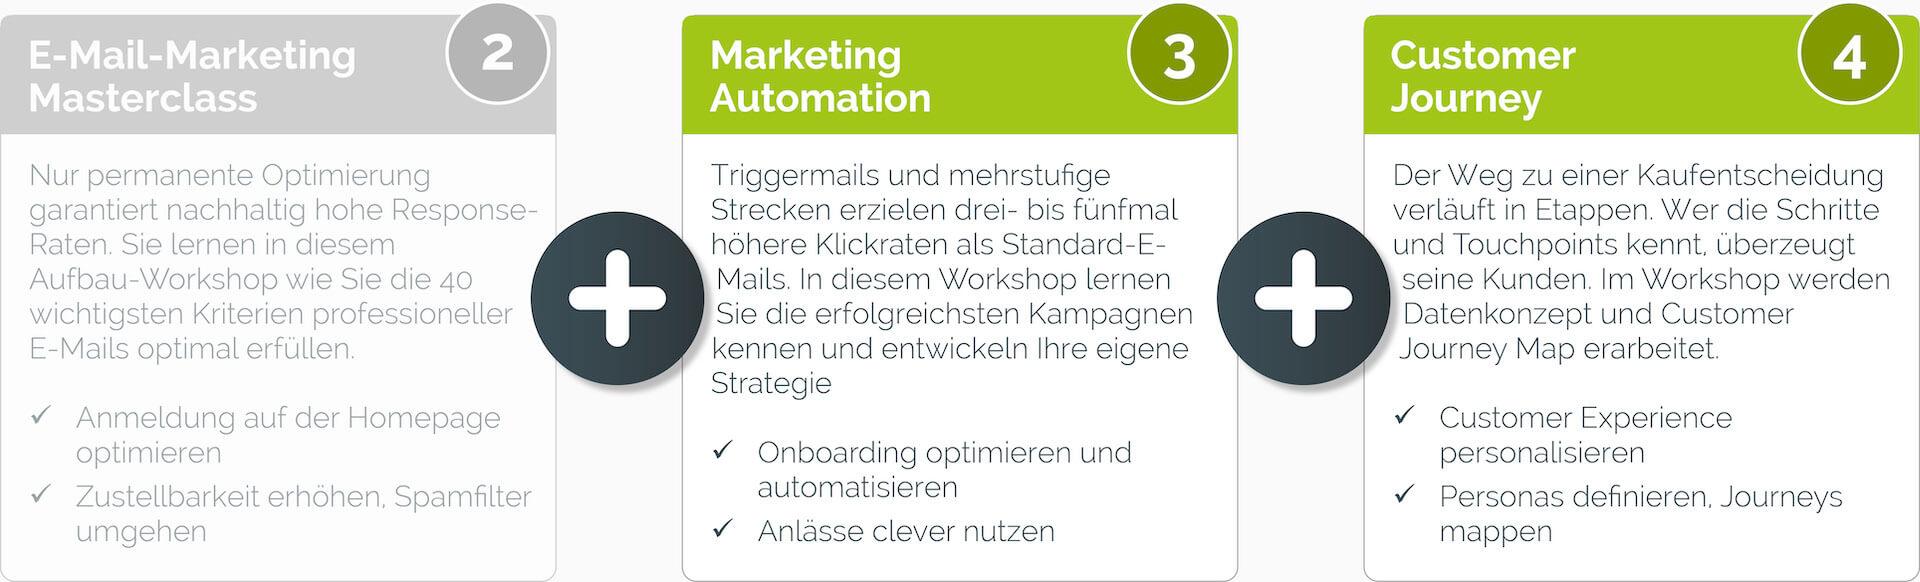 paket e mail marketing masterclass - E-Mail-Marketing Masterclass